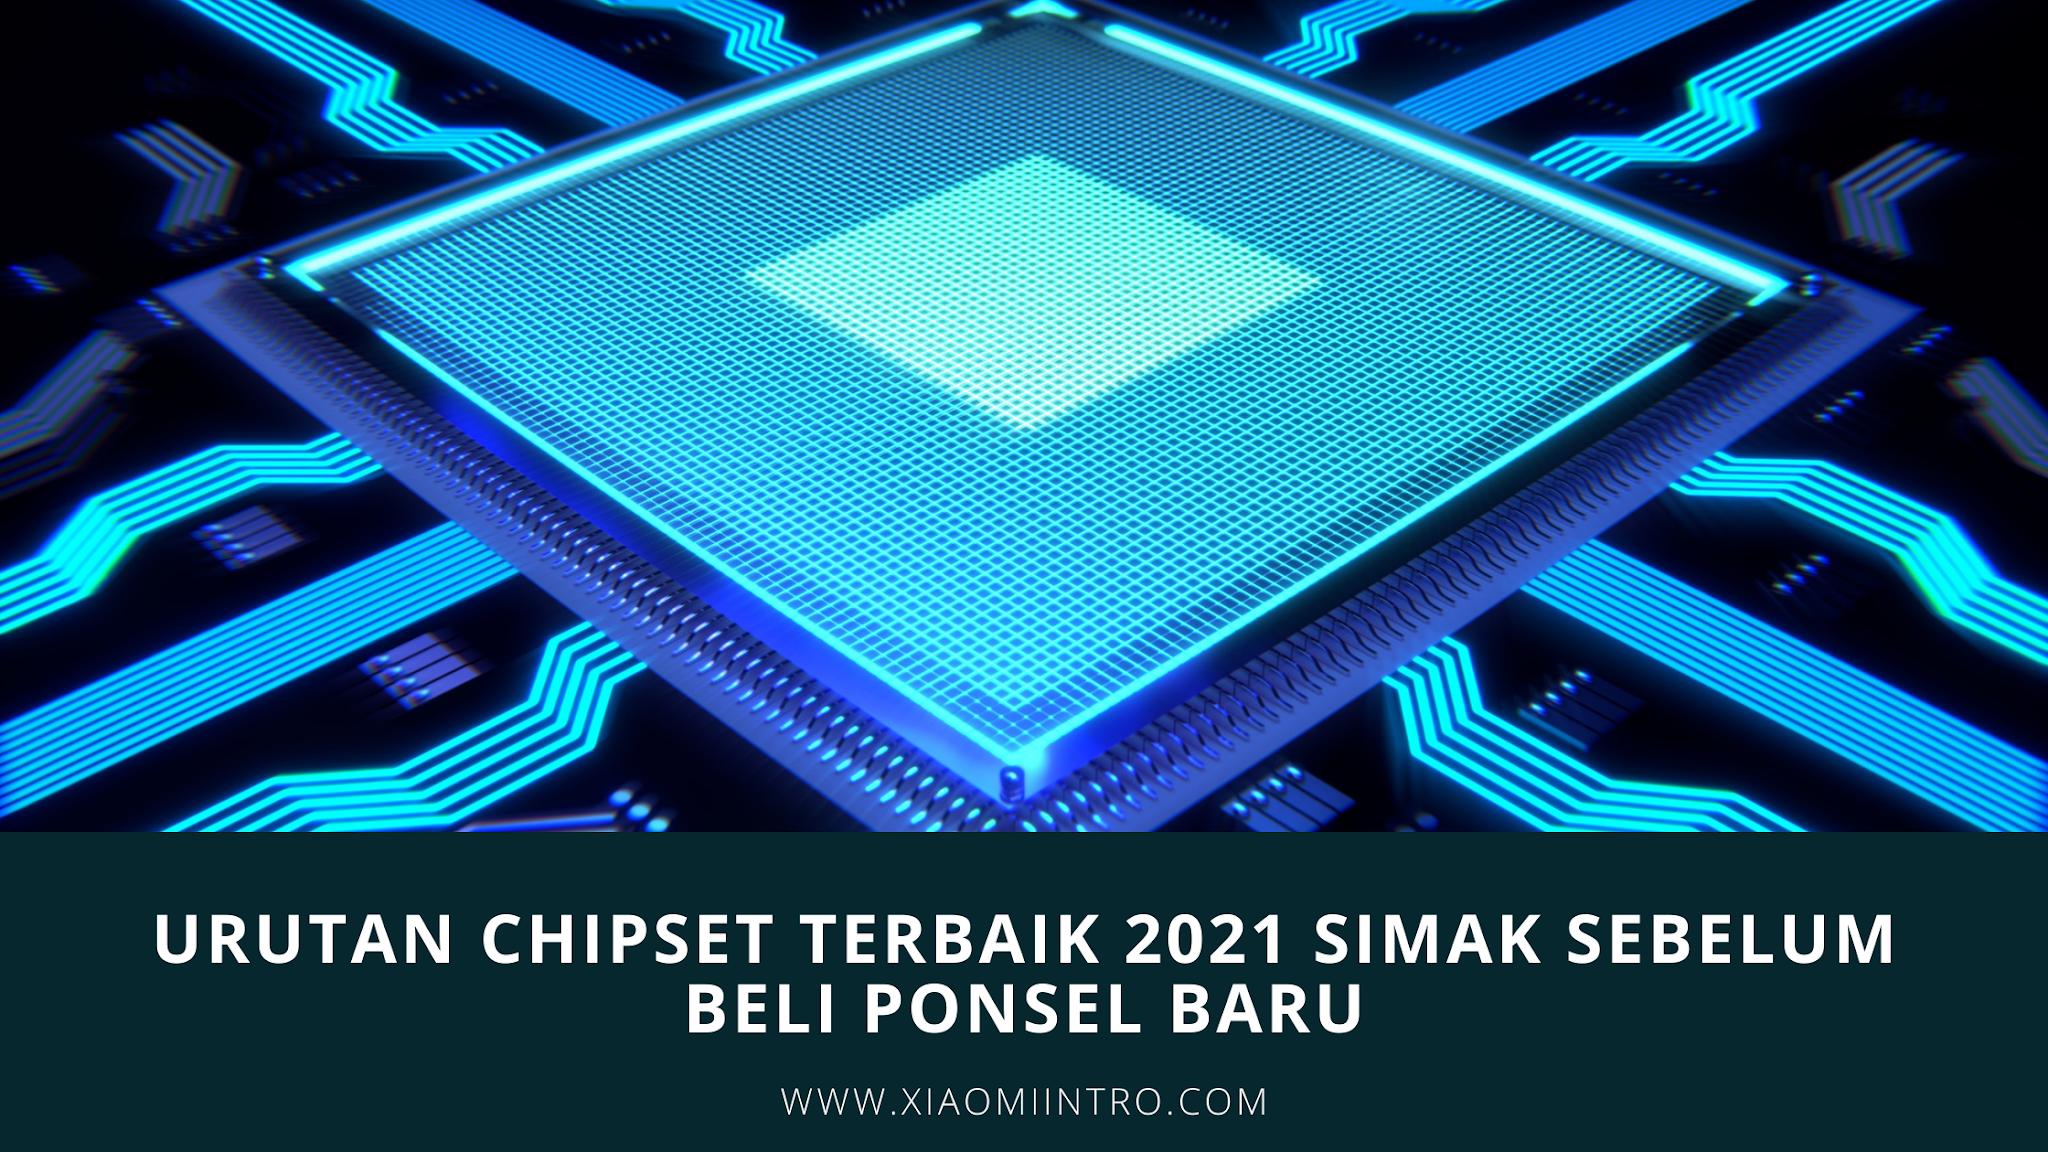 Urutan Chipset Terbaik 2021 Simak Sebelum Beli Ponsel Baru